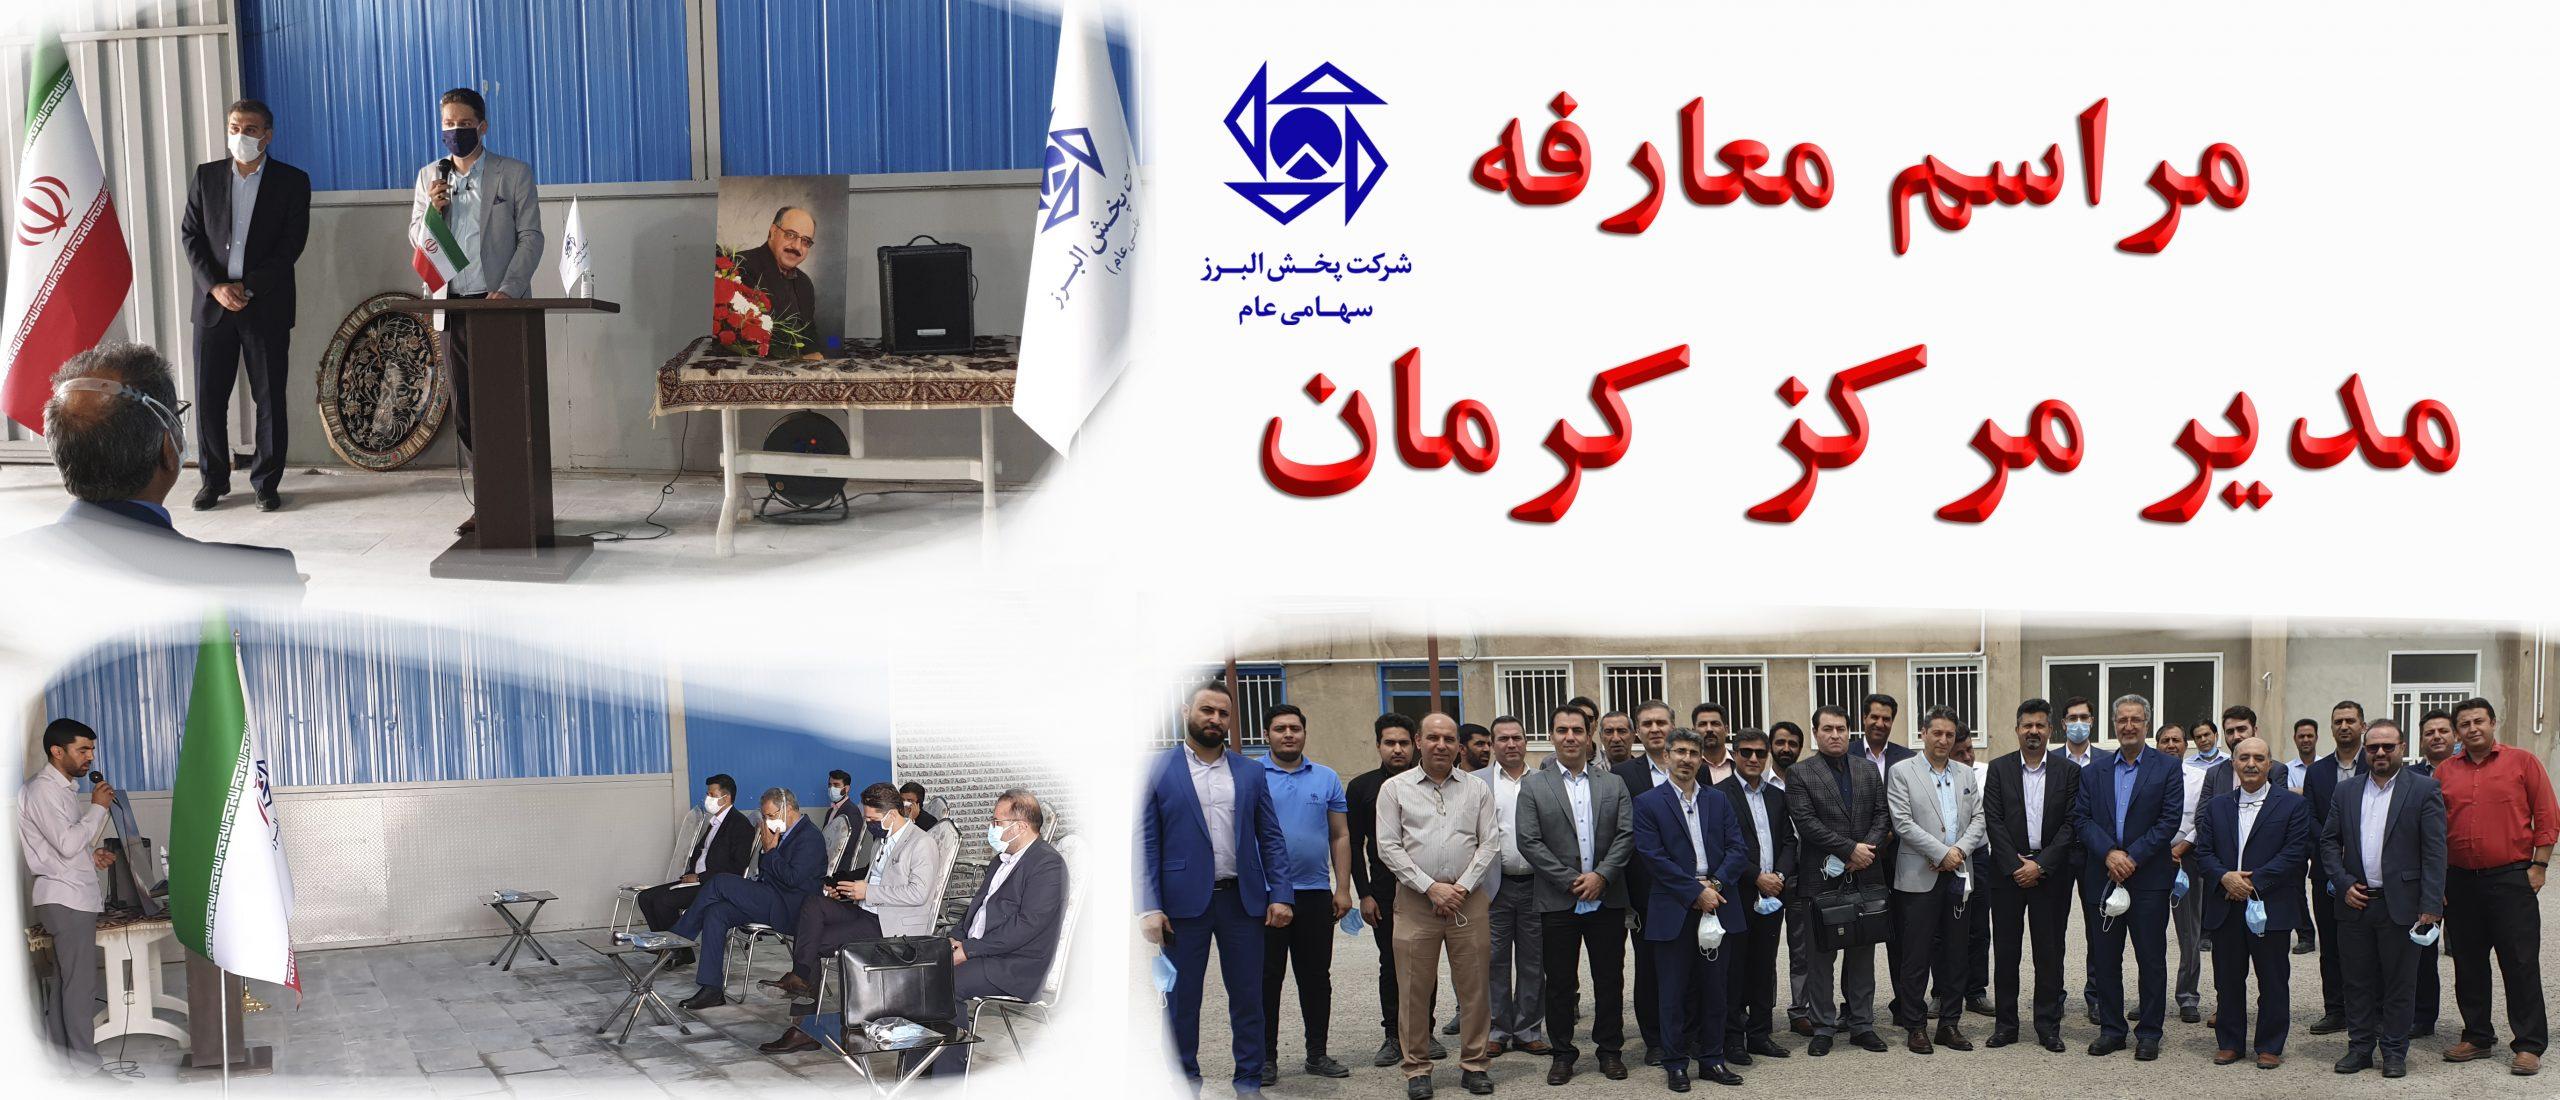 مراسم معارفه مدیر مرکز توزیع کرمان برگزار شد